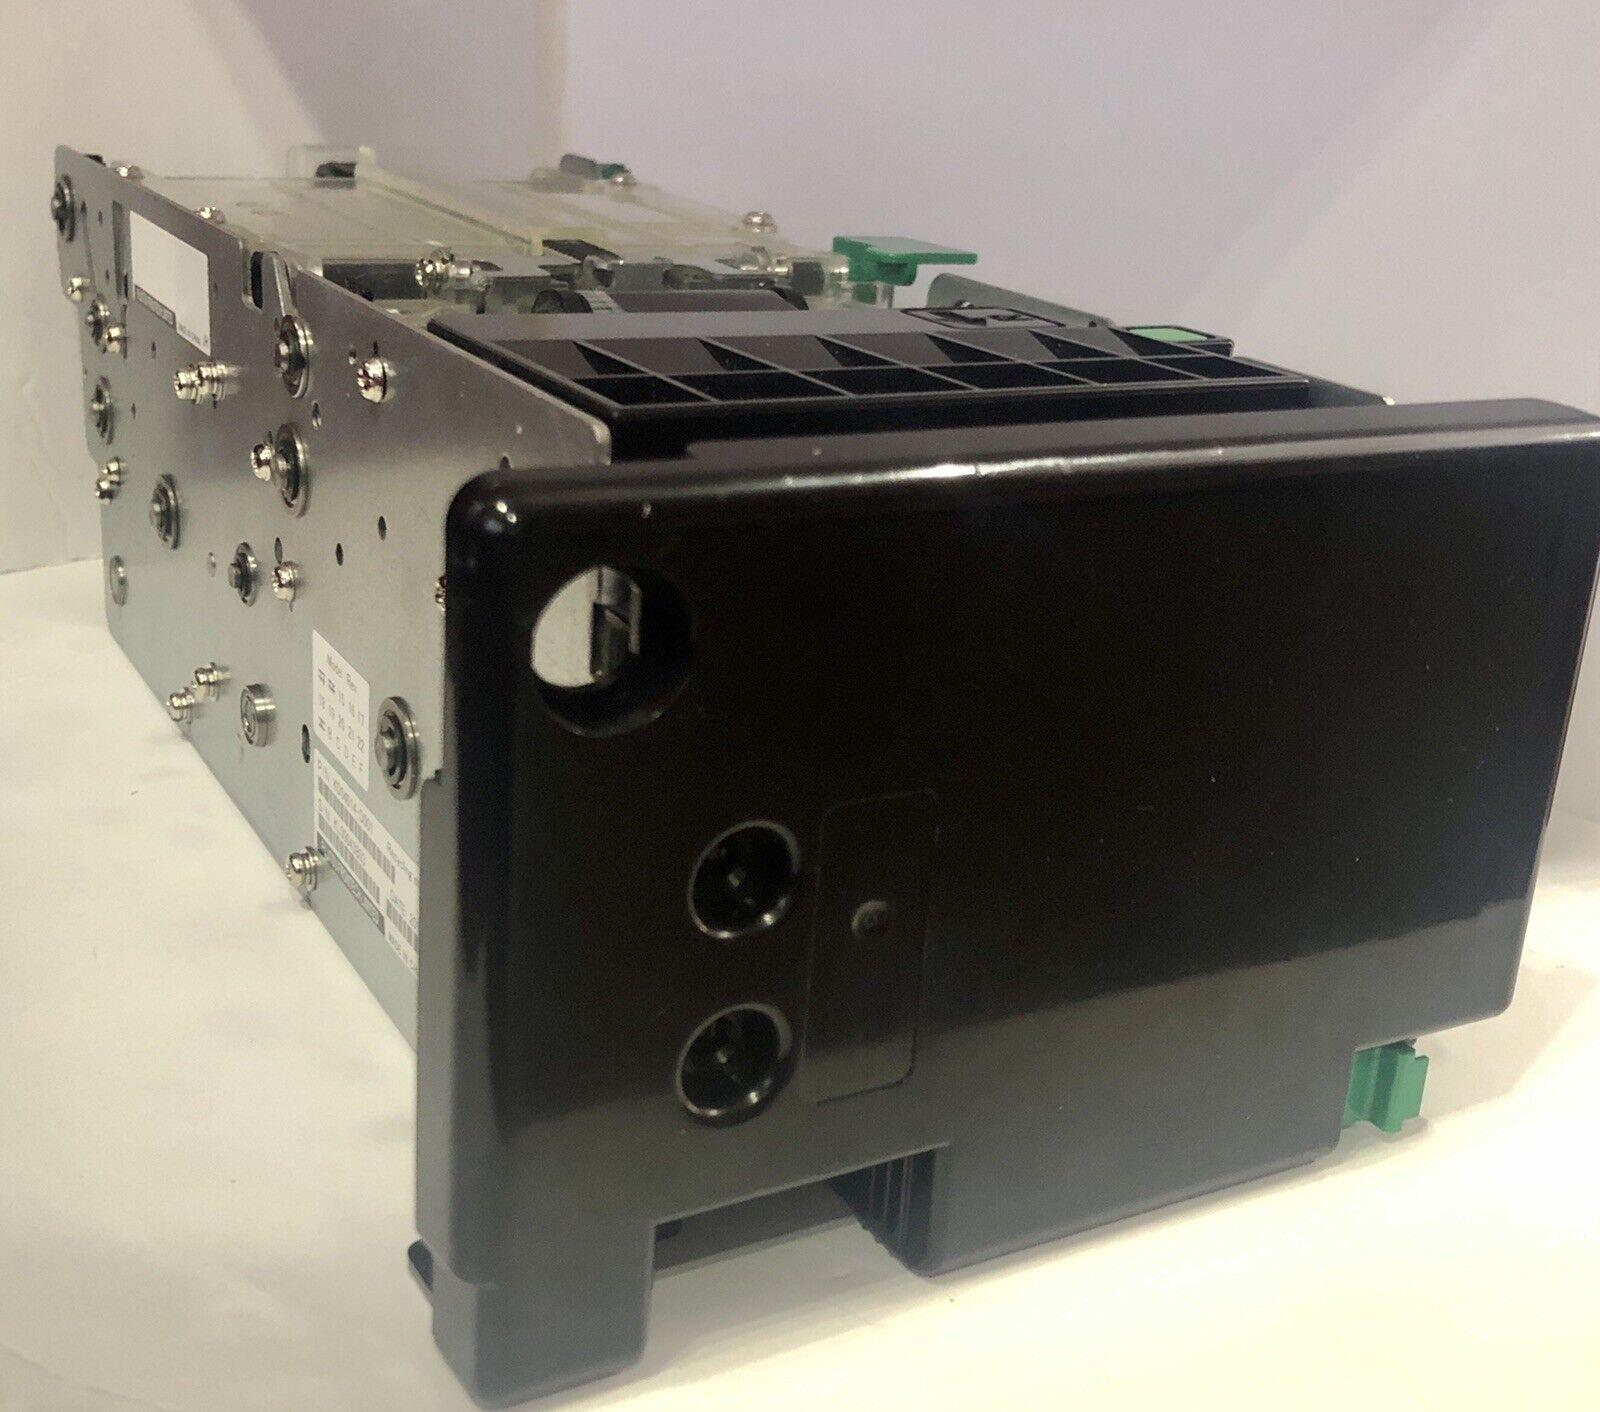 Fujitsu Recycler Arm Module W Recycling Stacker KD04014D001